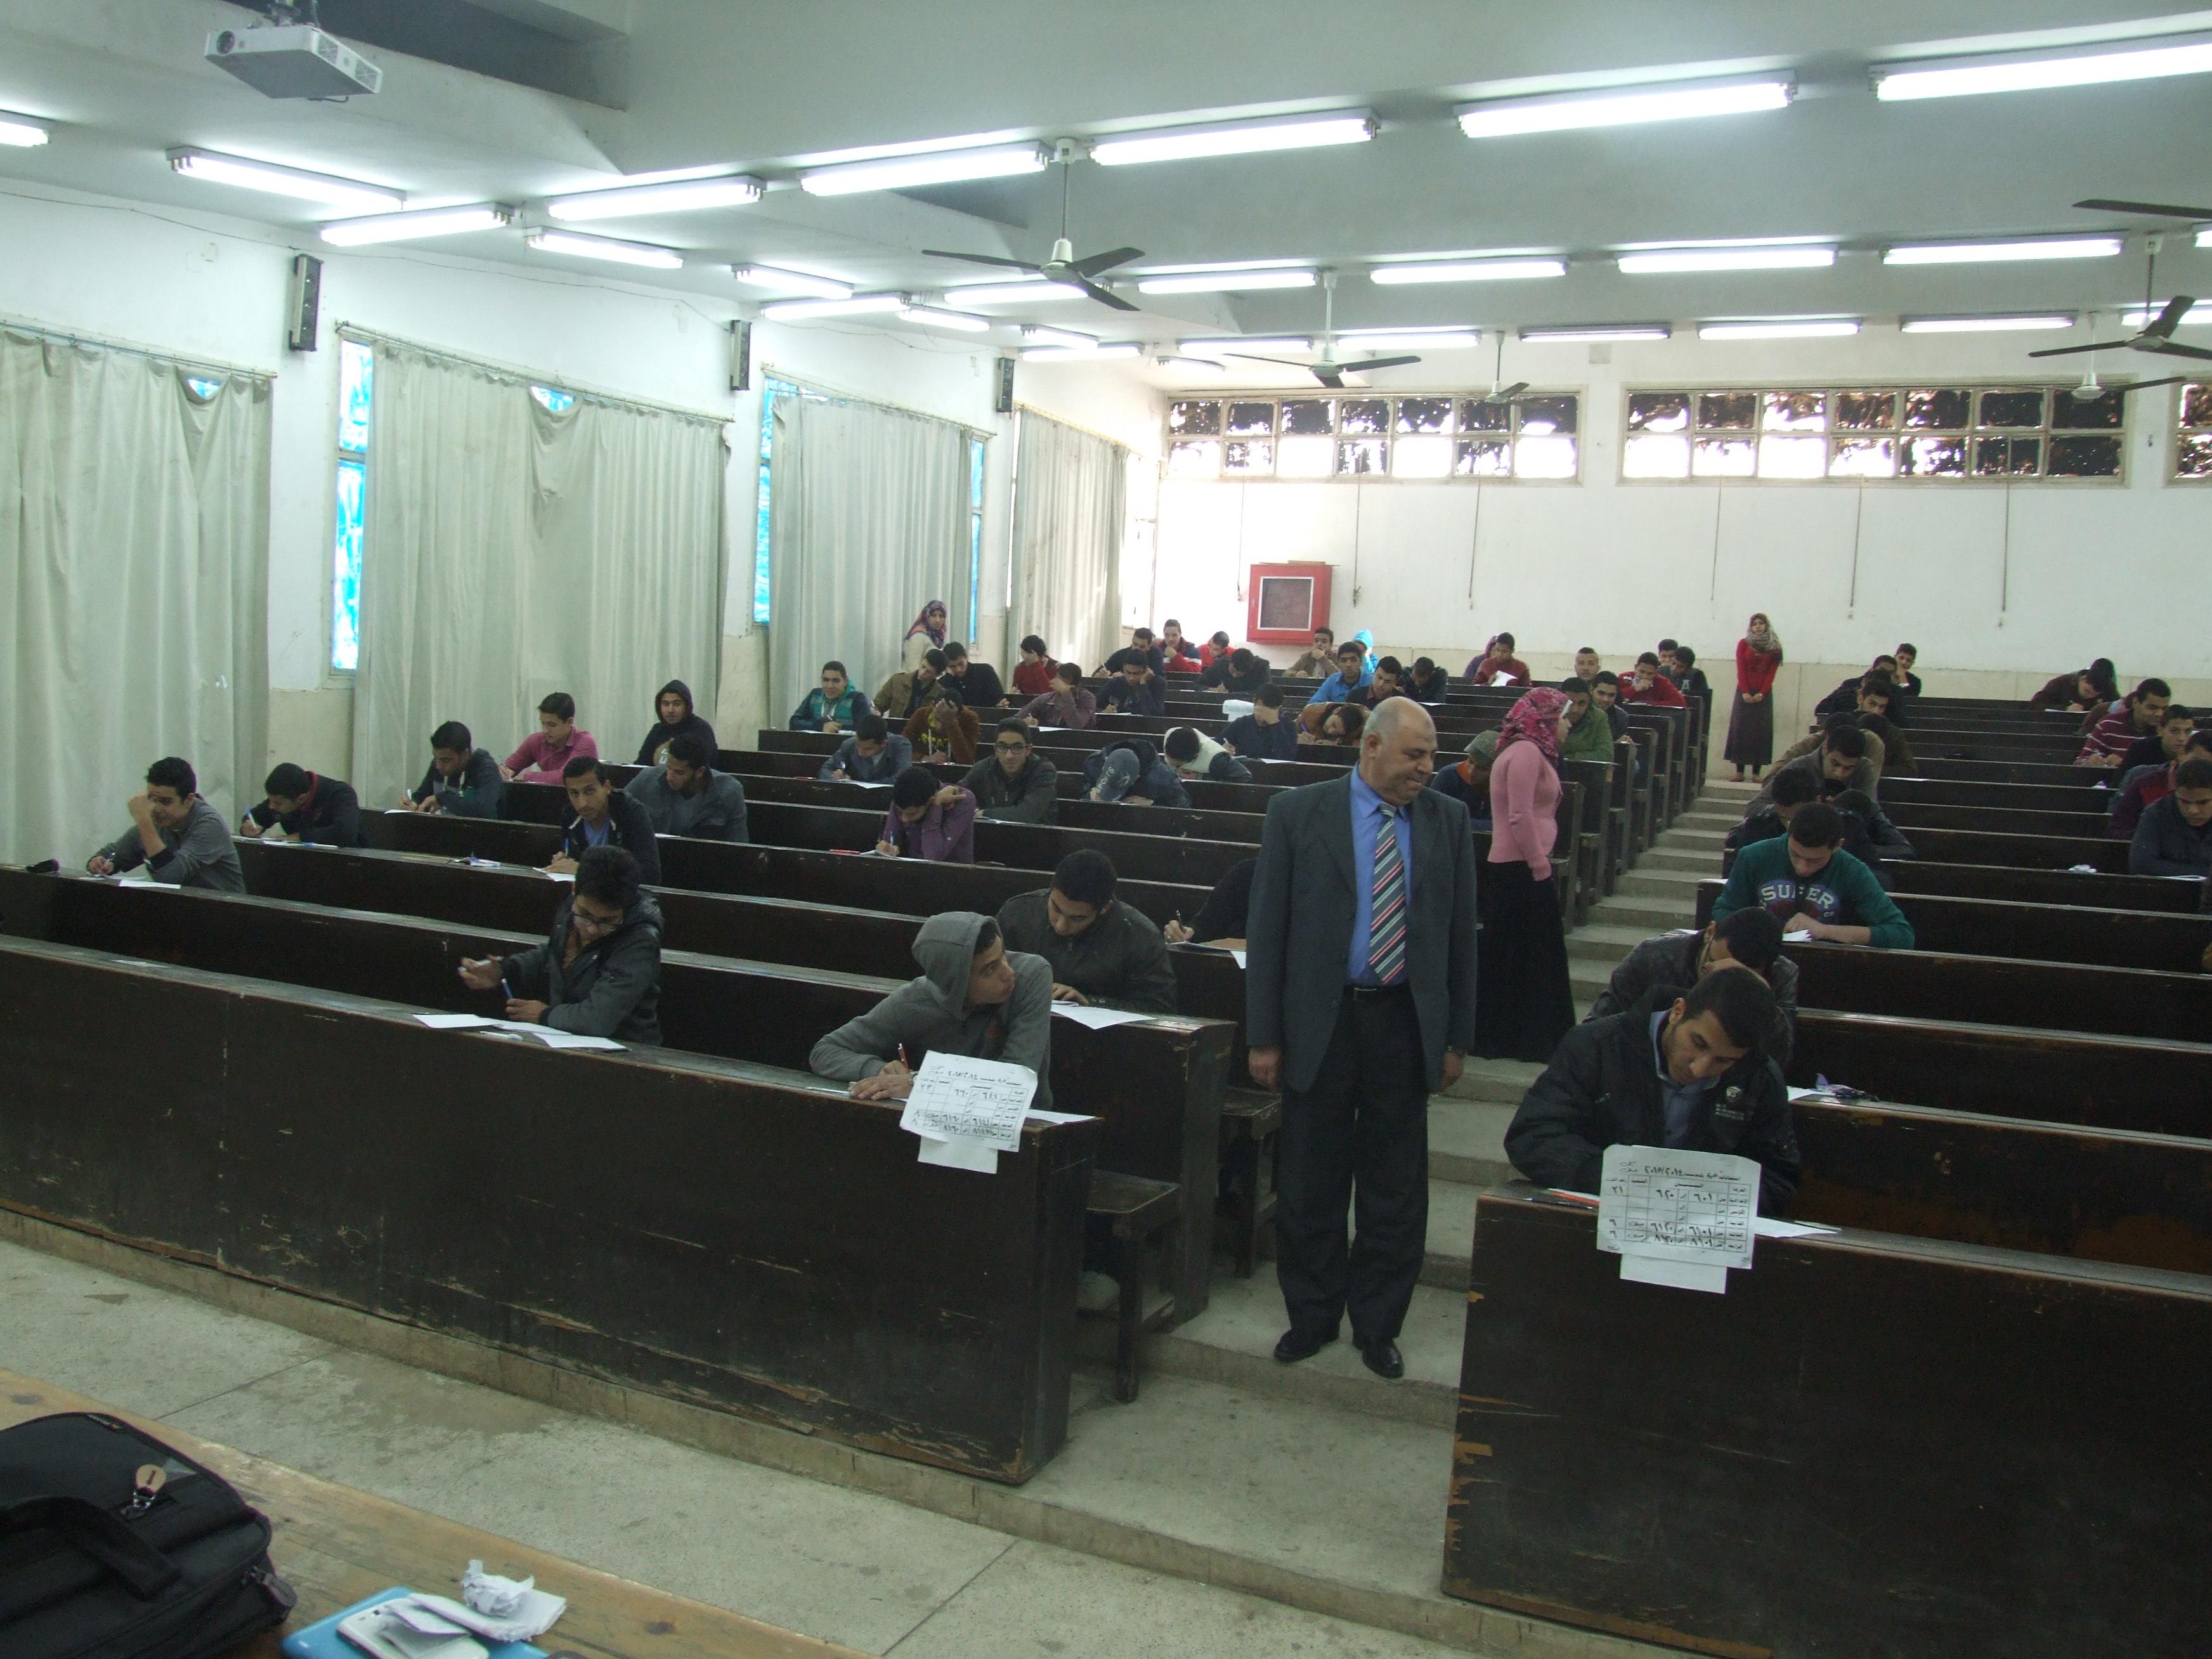 بدء امتحانات الفصل الدراسي الأول للعام الجامعي 2104 - 2015